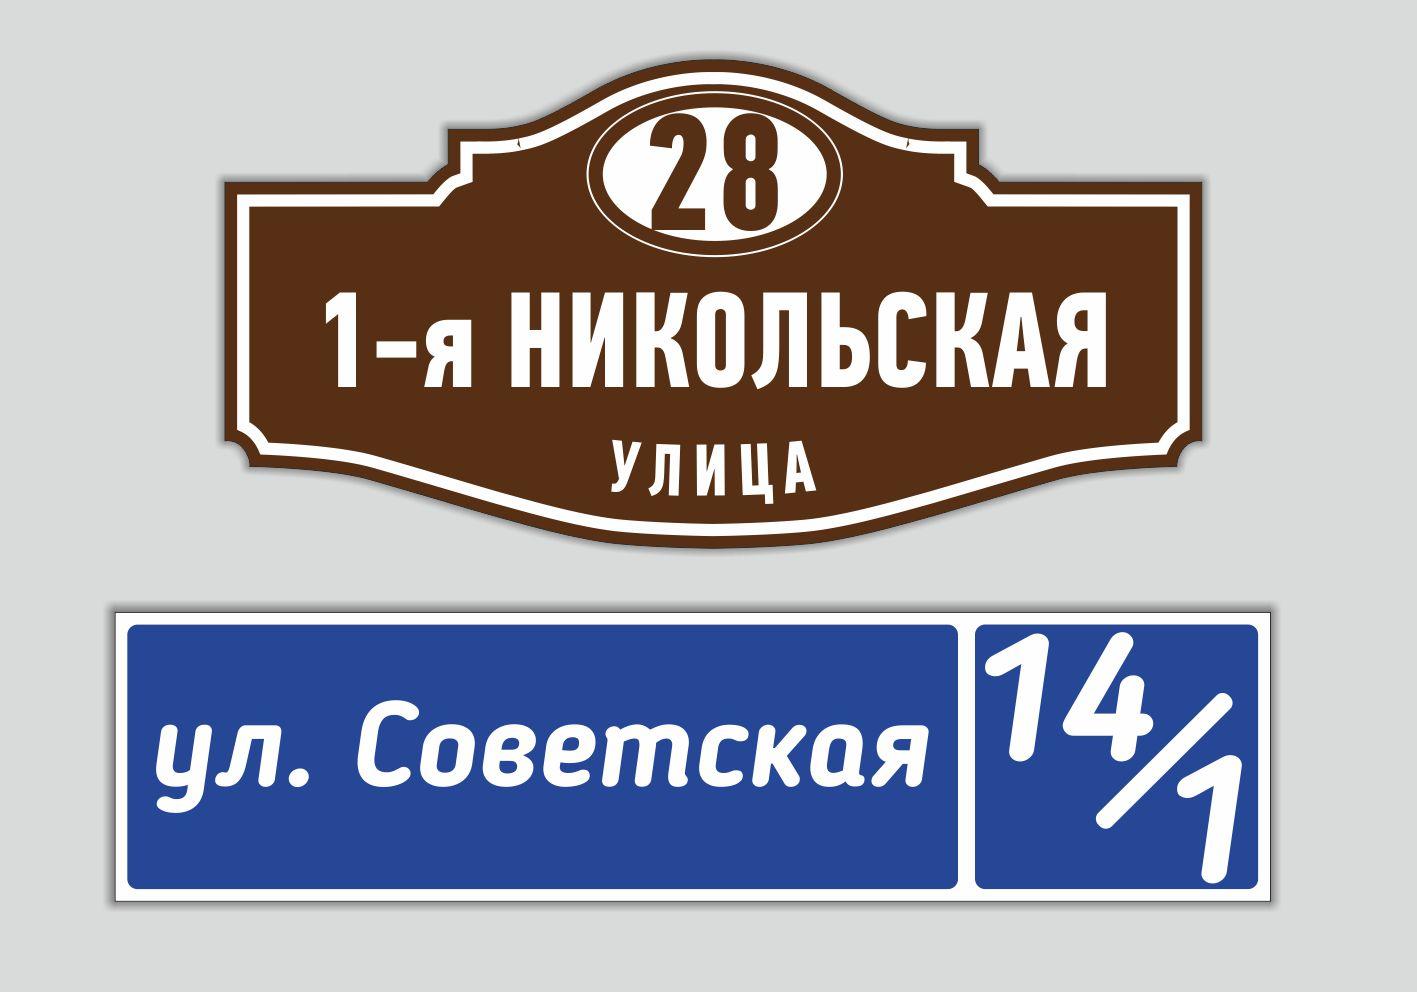 domovye tablichki Ivanovo